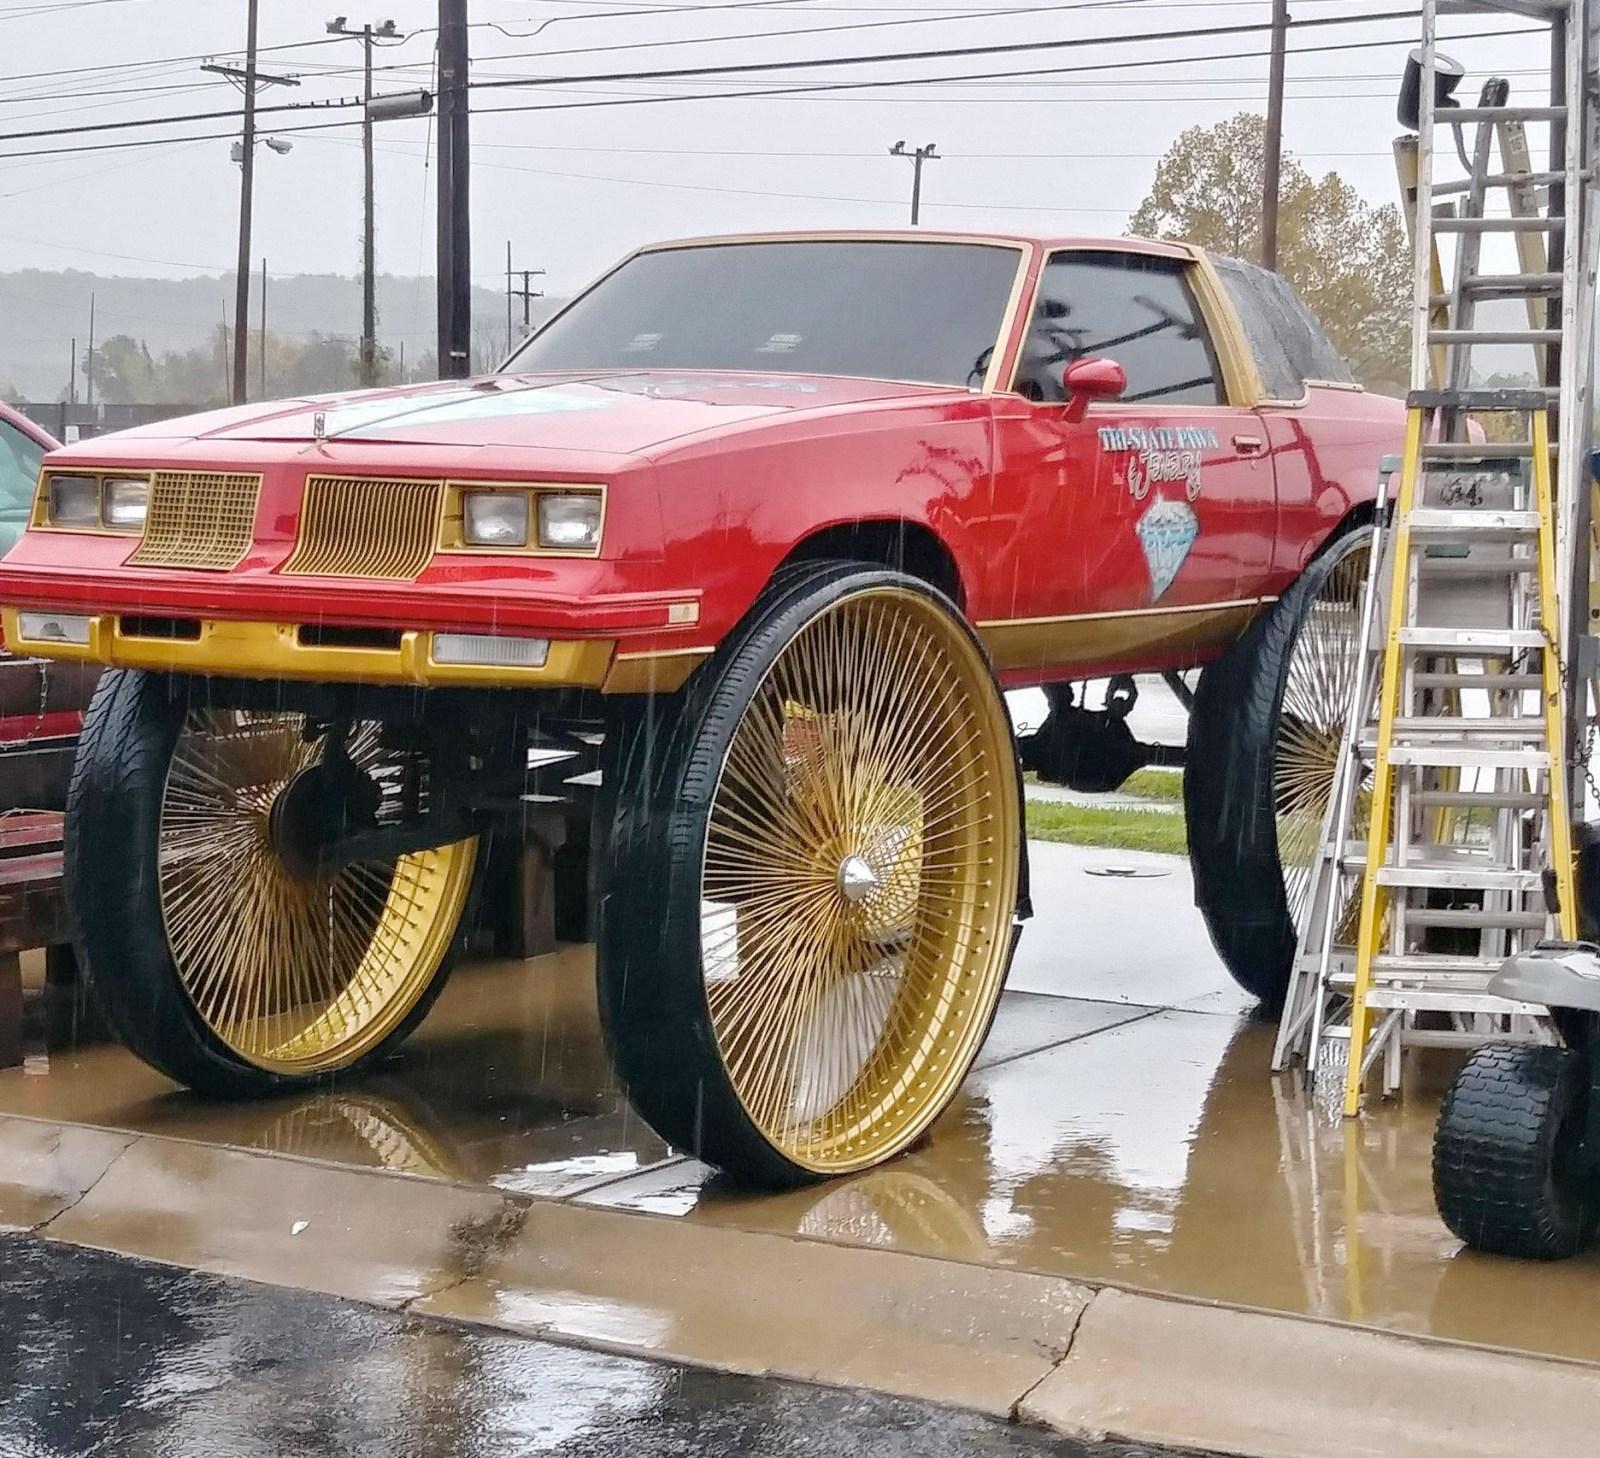 красная машина на больших колесах